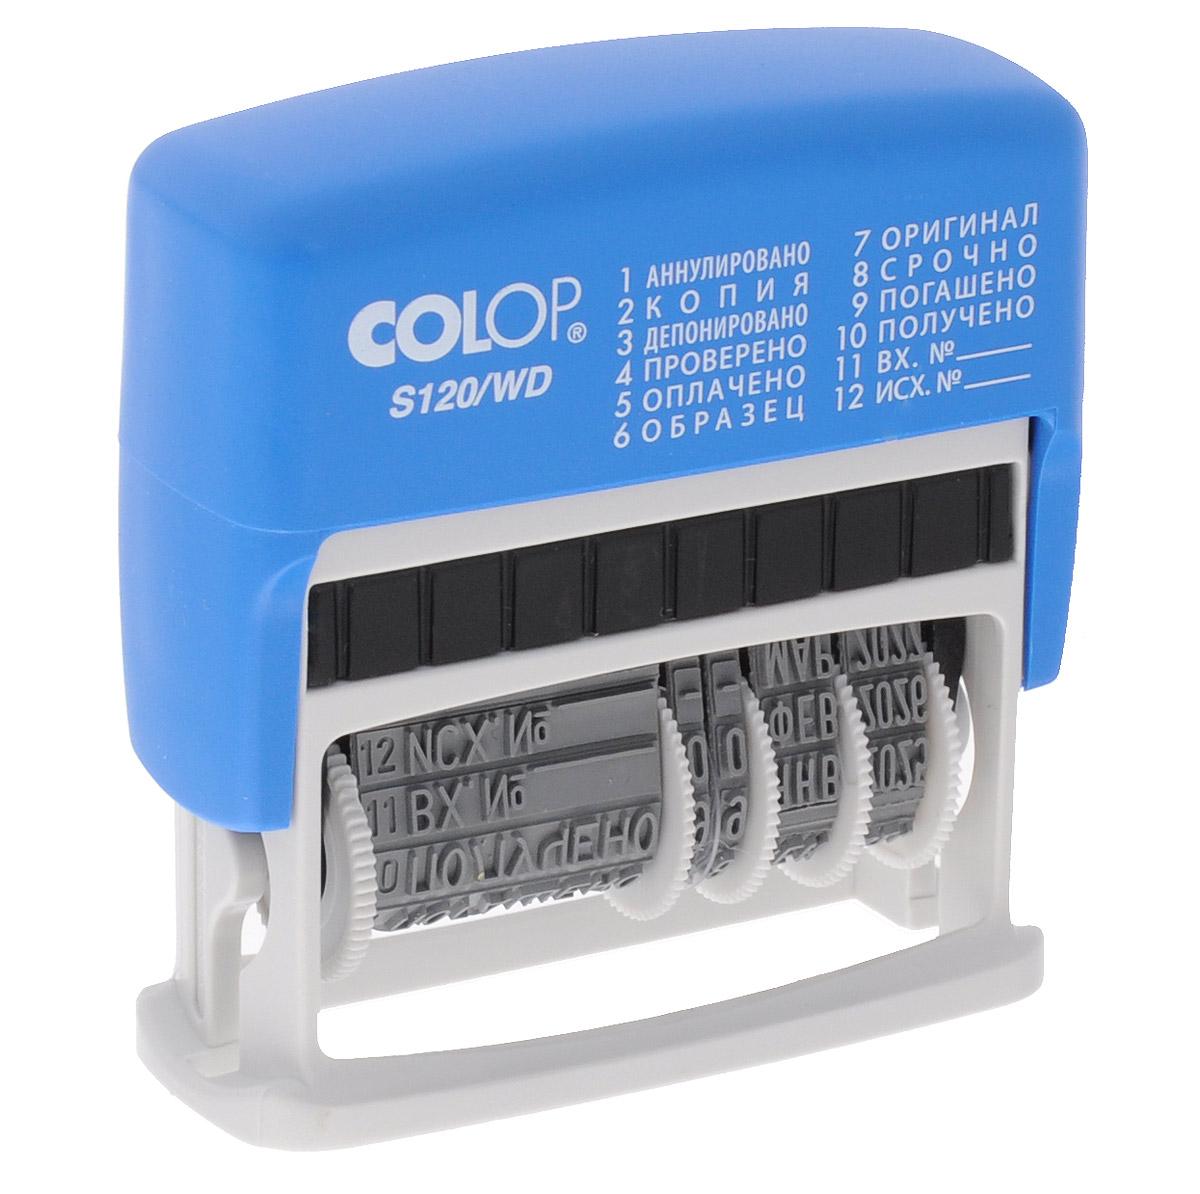 Colop Мини-датер S120/WDS120/WDНа мини-датере Colop S120/WD указаны дата и 12 бухгалтерских терминов.Автоматическое окрашивание текста. Термин и дата устанавливаются с помощью колесиков. Оттиск однострочный.Используйте оригинальную штемпельную подушку E/12/2.